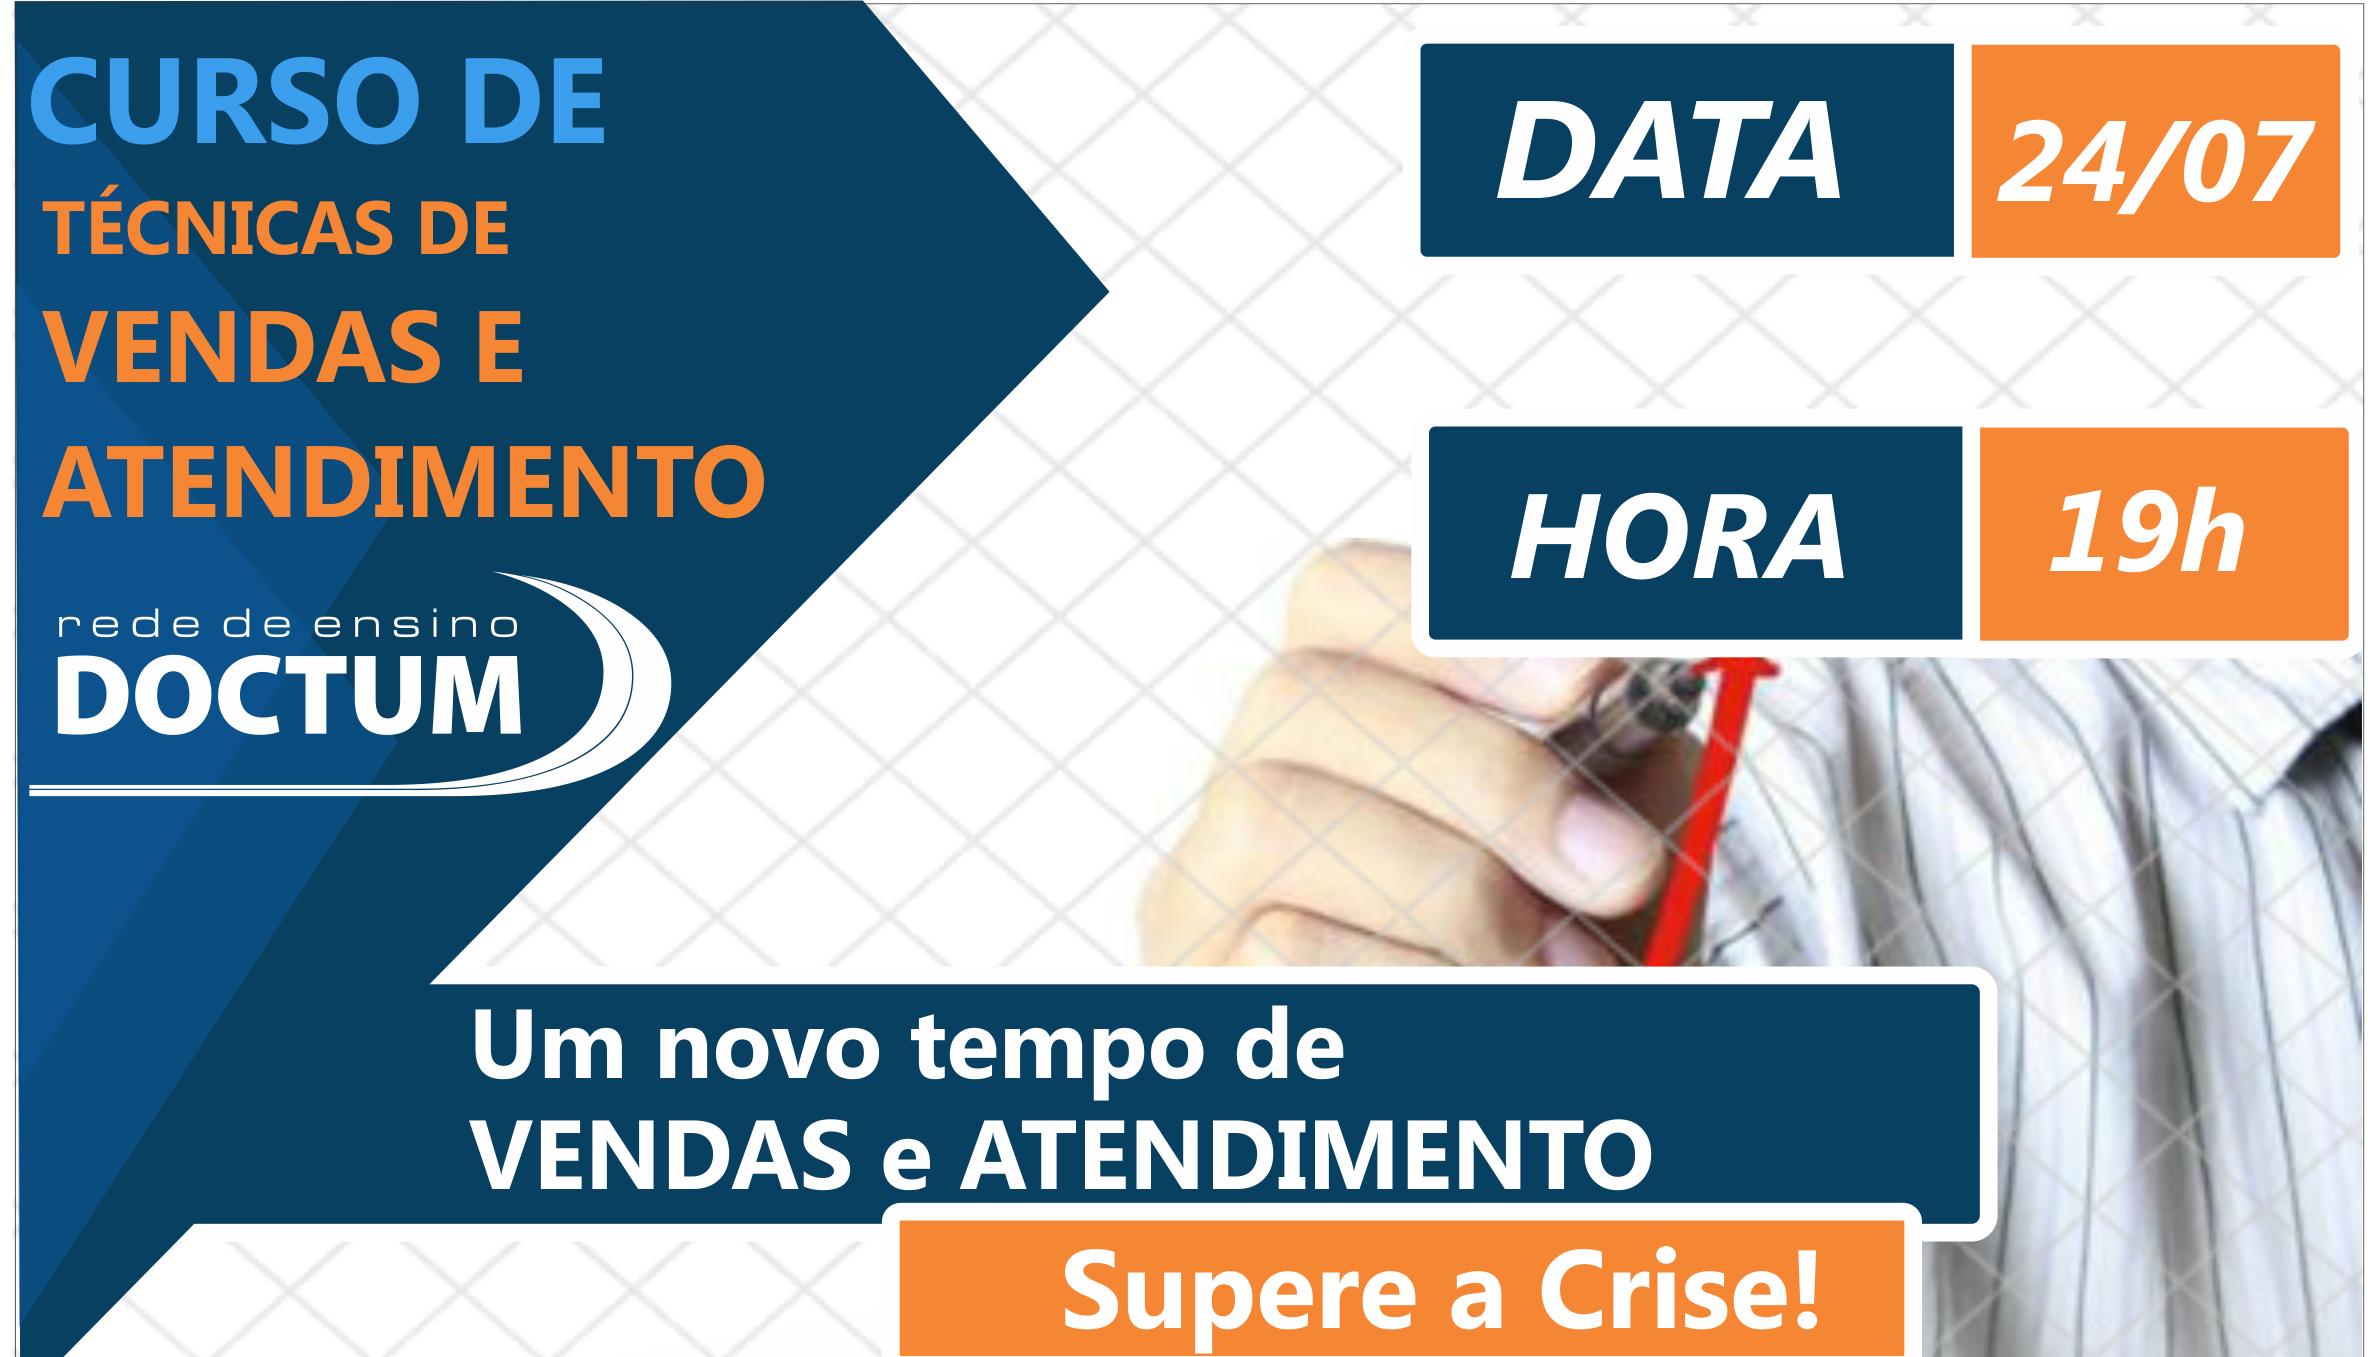 Doctum Caratinga oferece curso gratuito de Vendas e Atendimento na próxima semana